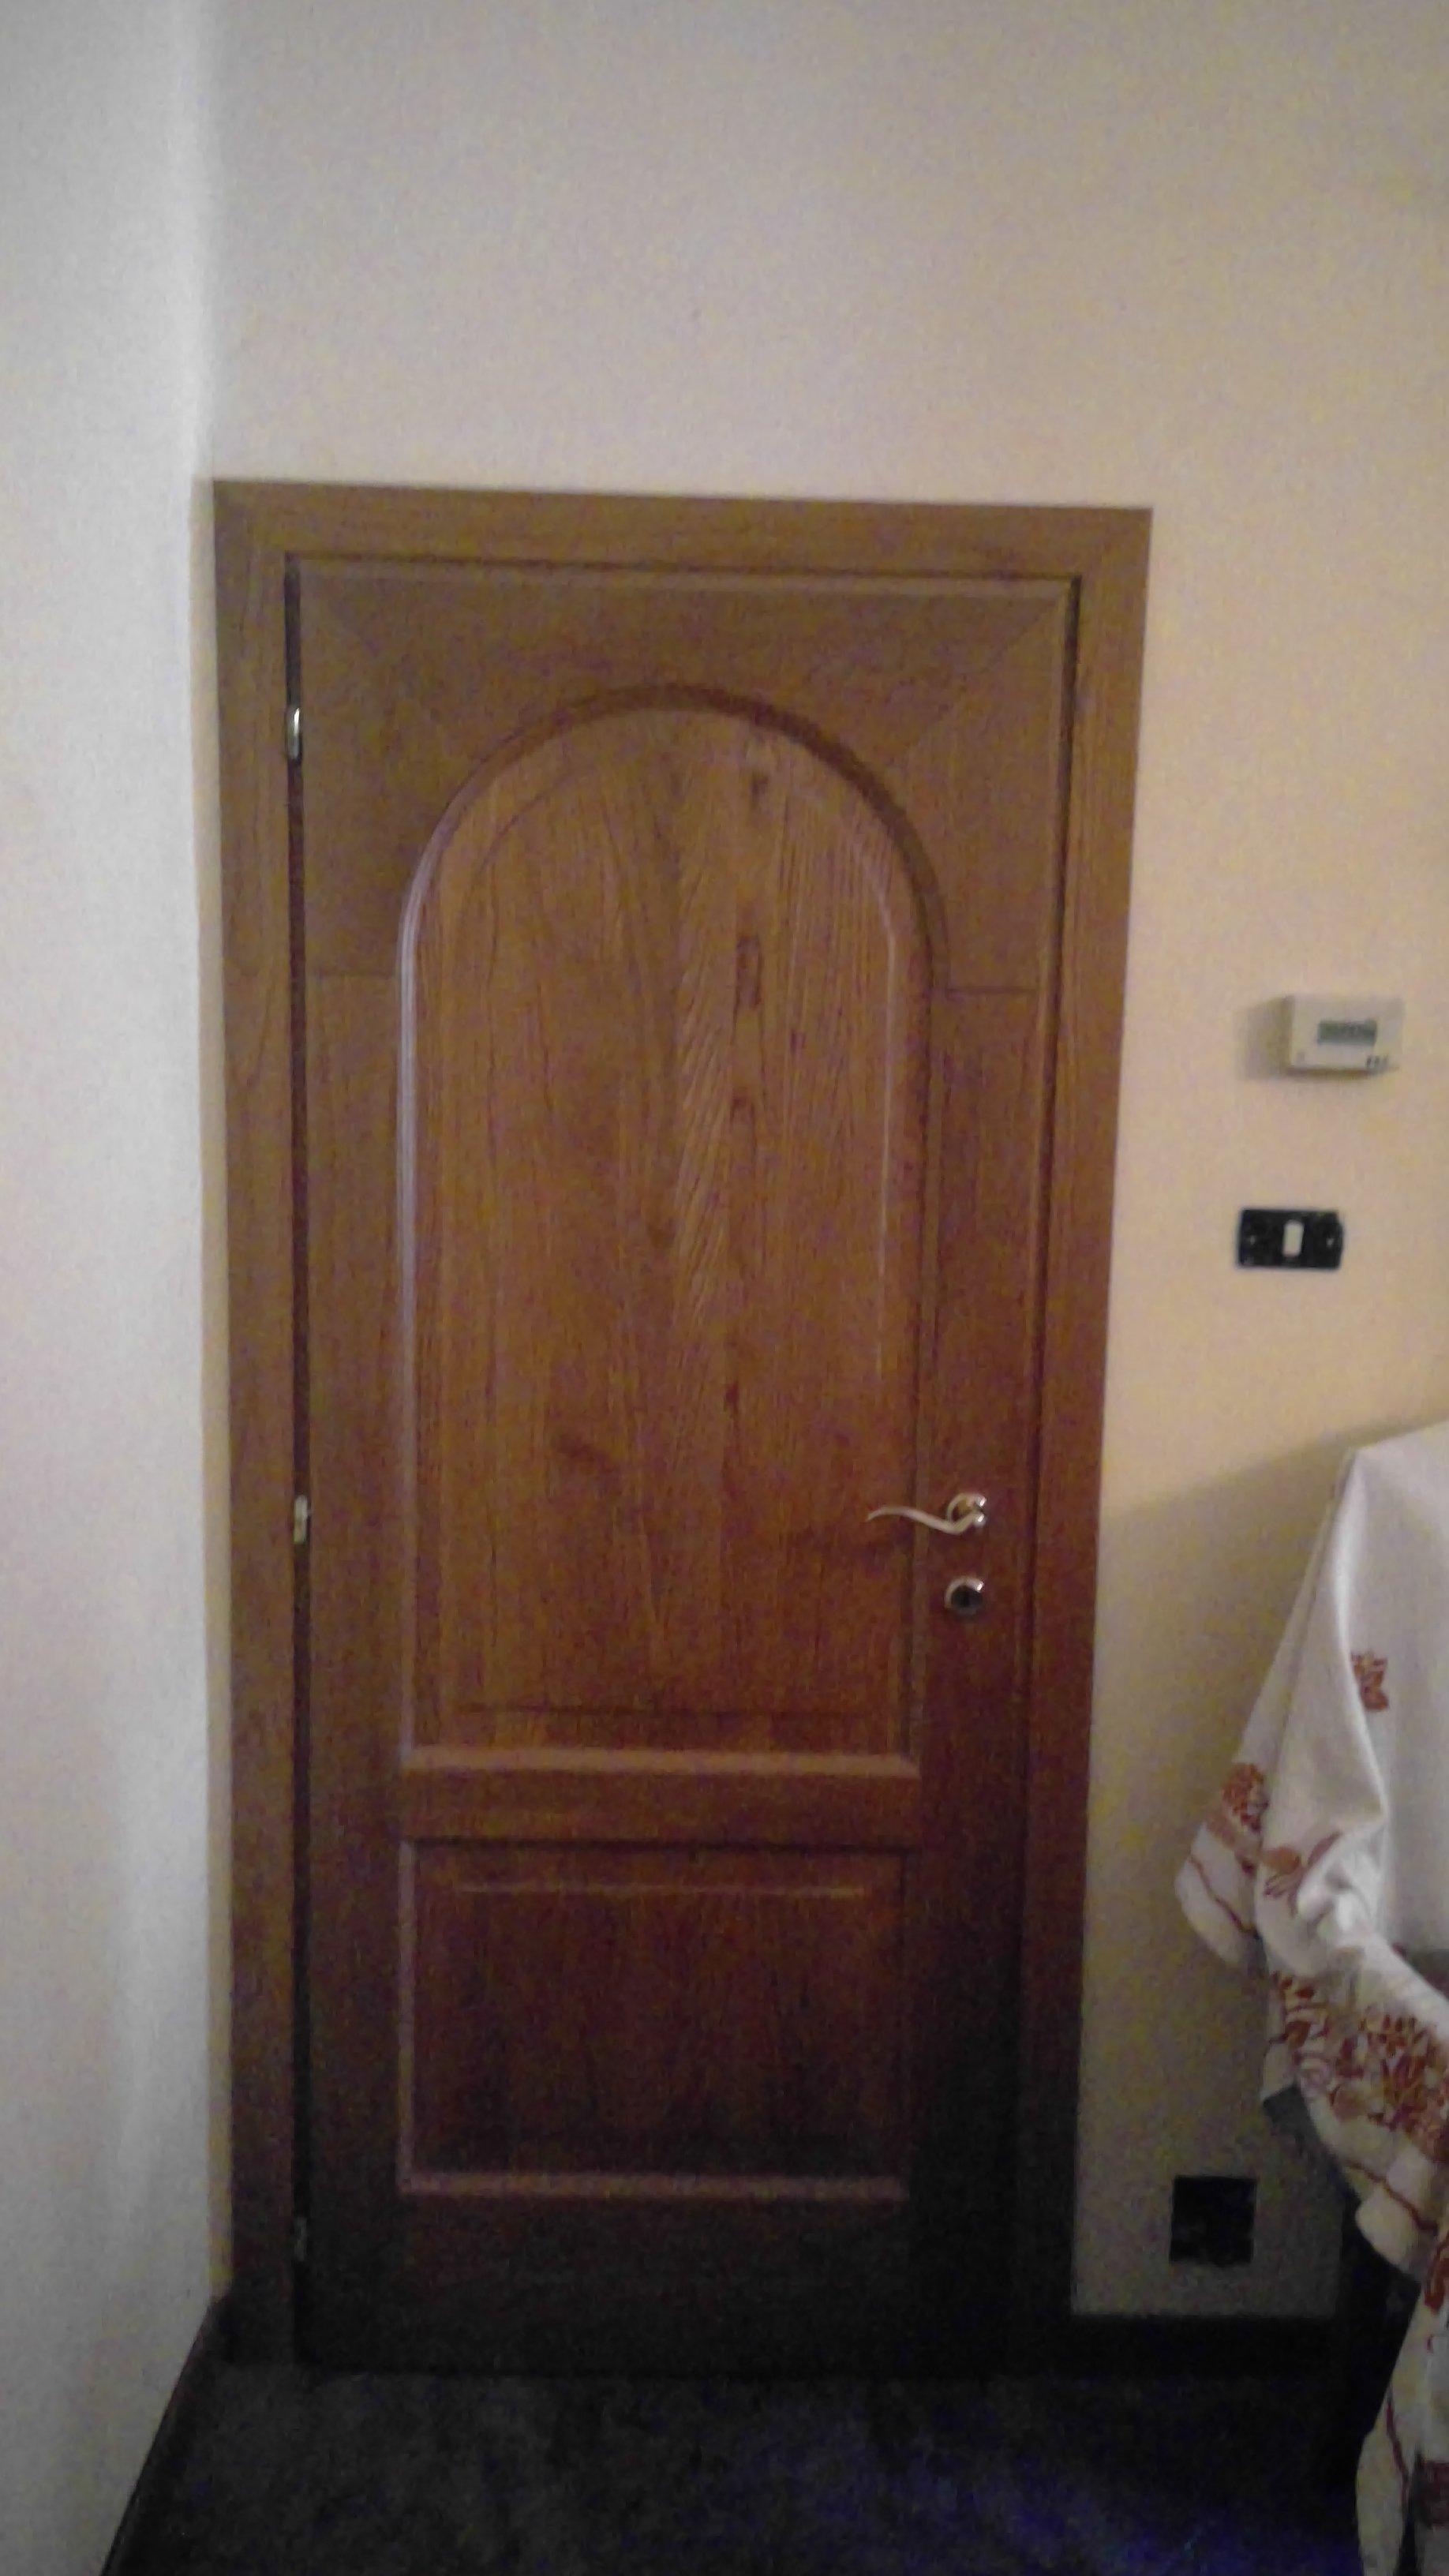 Porta interna in legno con dettagli arrotondati